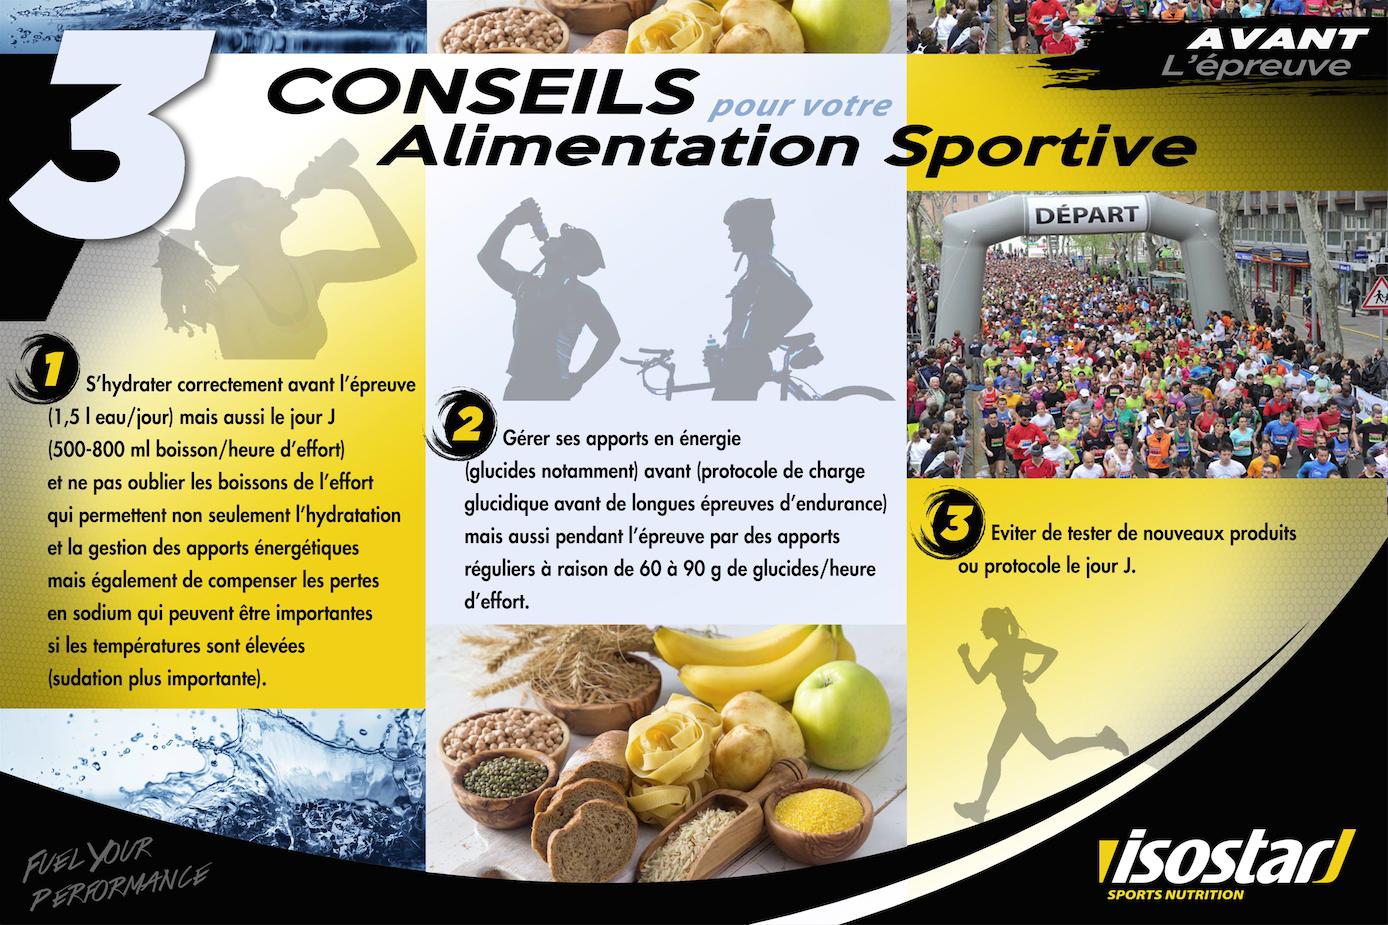 fiche-conseils-nutrition-isostar-docteur-course-préparation-hydratation-runpack-1